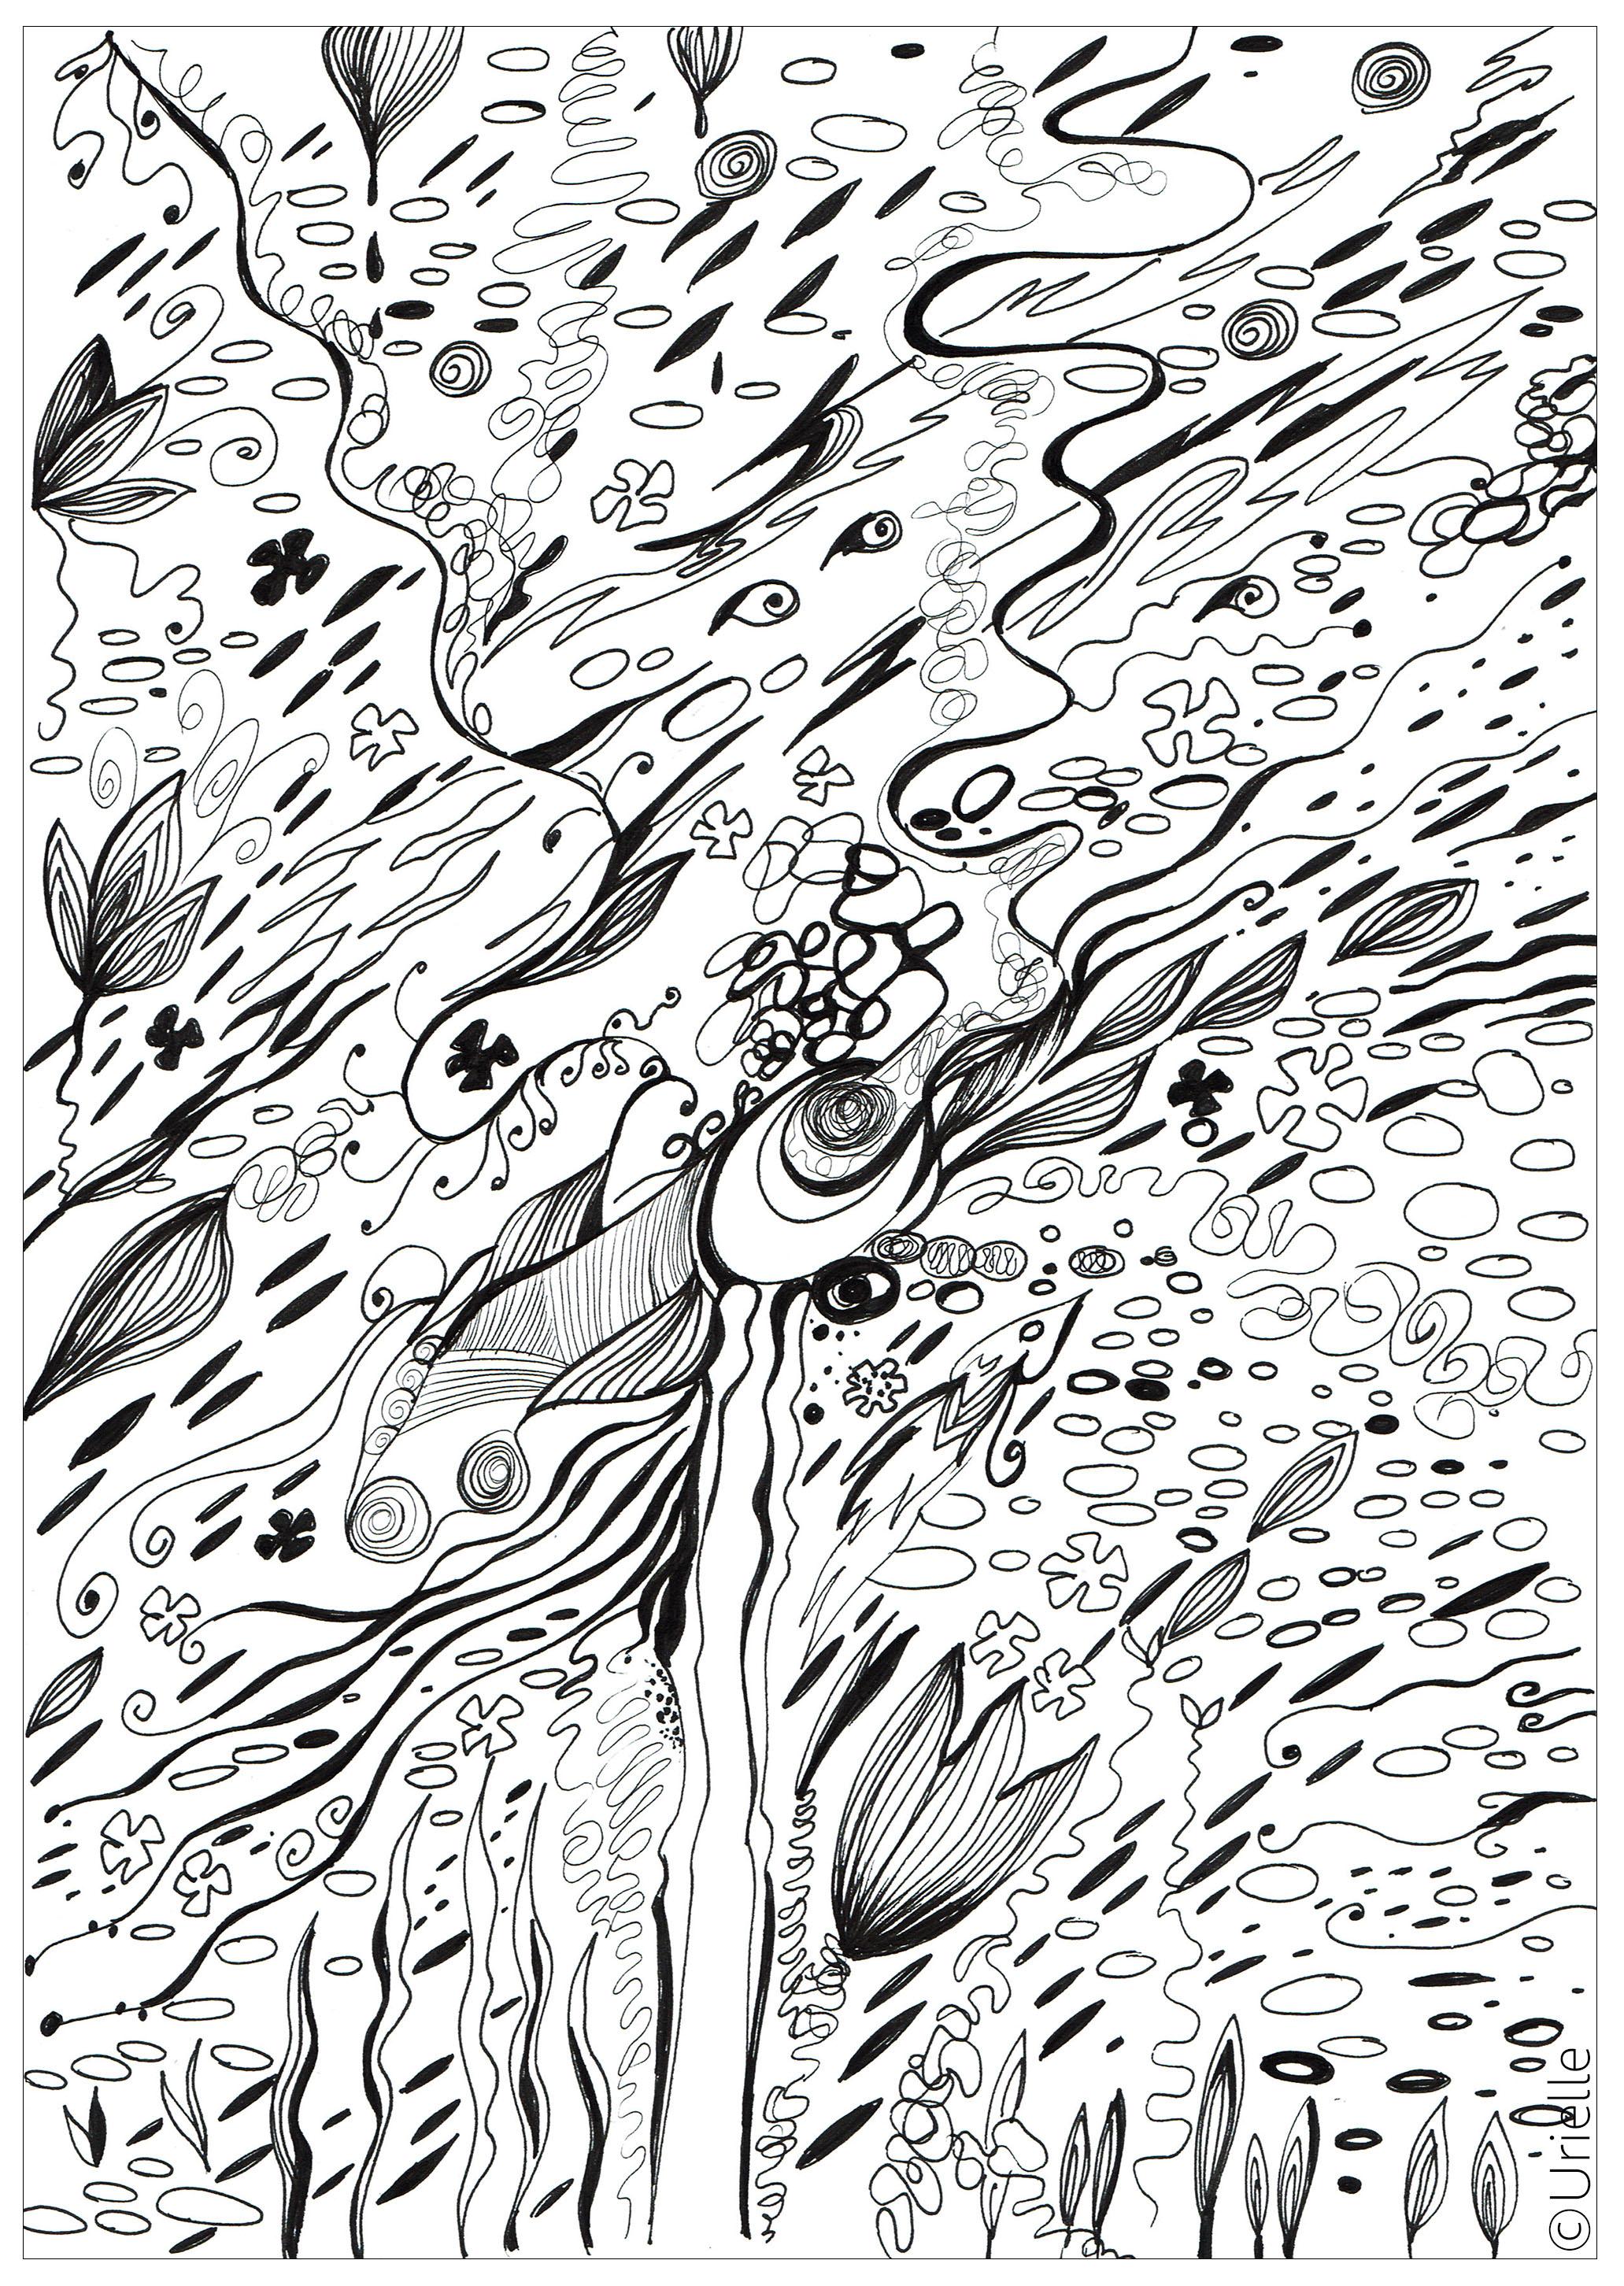 FlowFrom the gallery : Zen & Anti StressArtist : Urielle